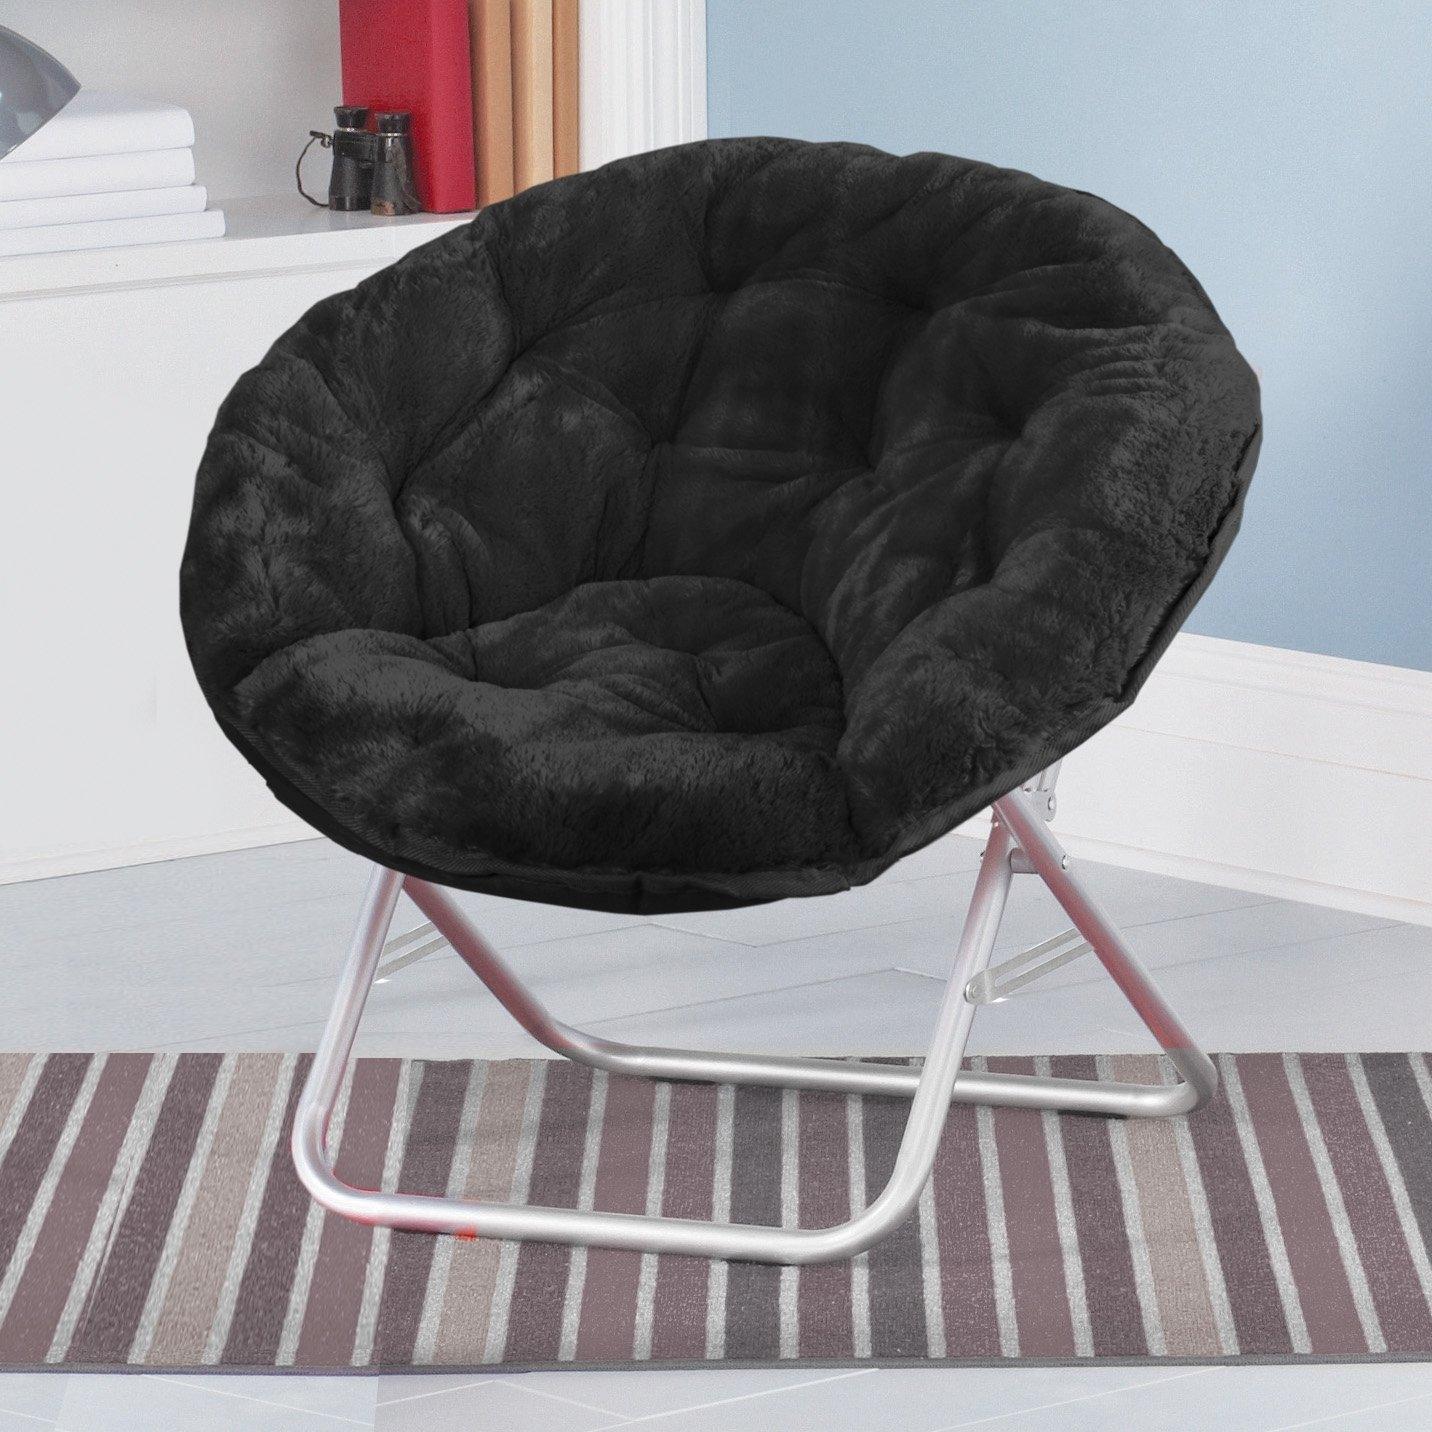 Black Faux Fur Saucer Chair Features Sturdy, Aluminum Construction U0026 Soft  Faux Fur Upholstery.